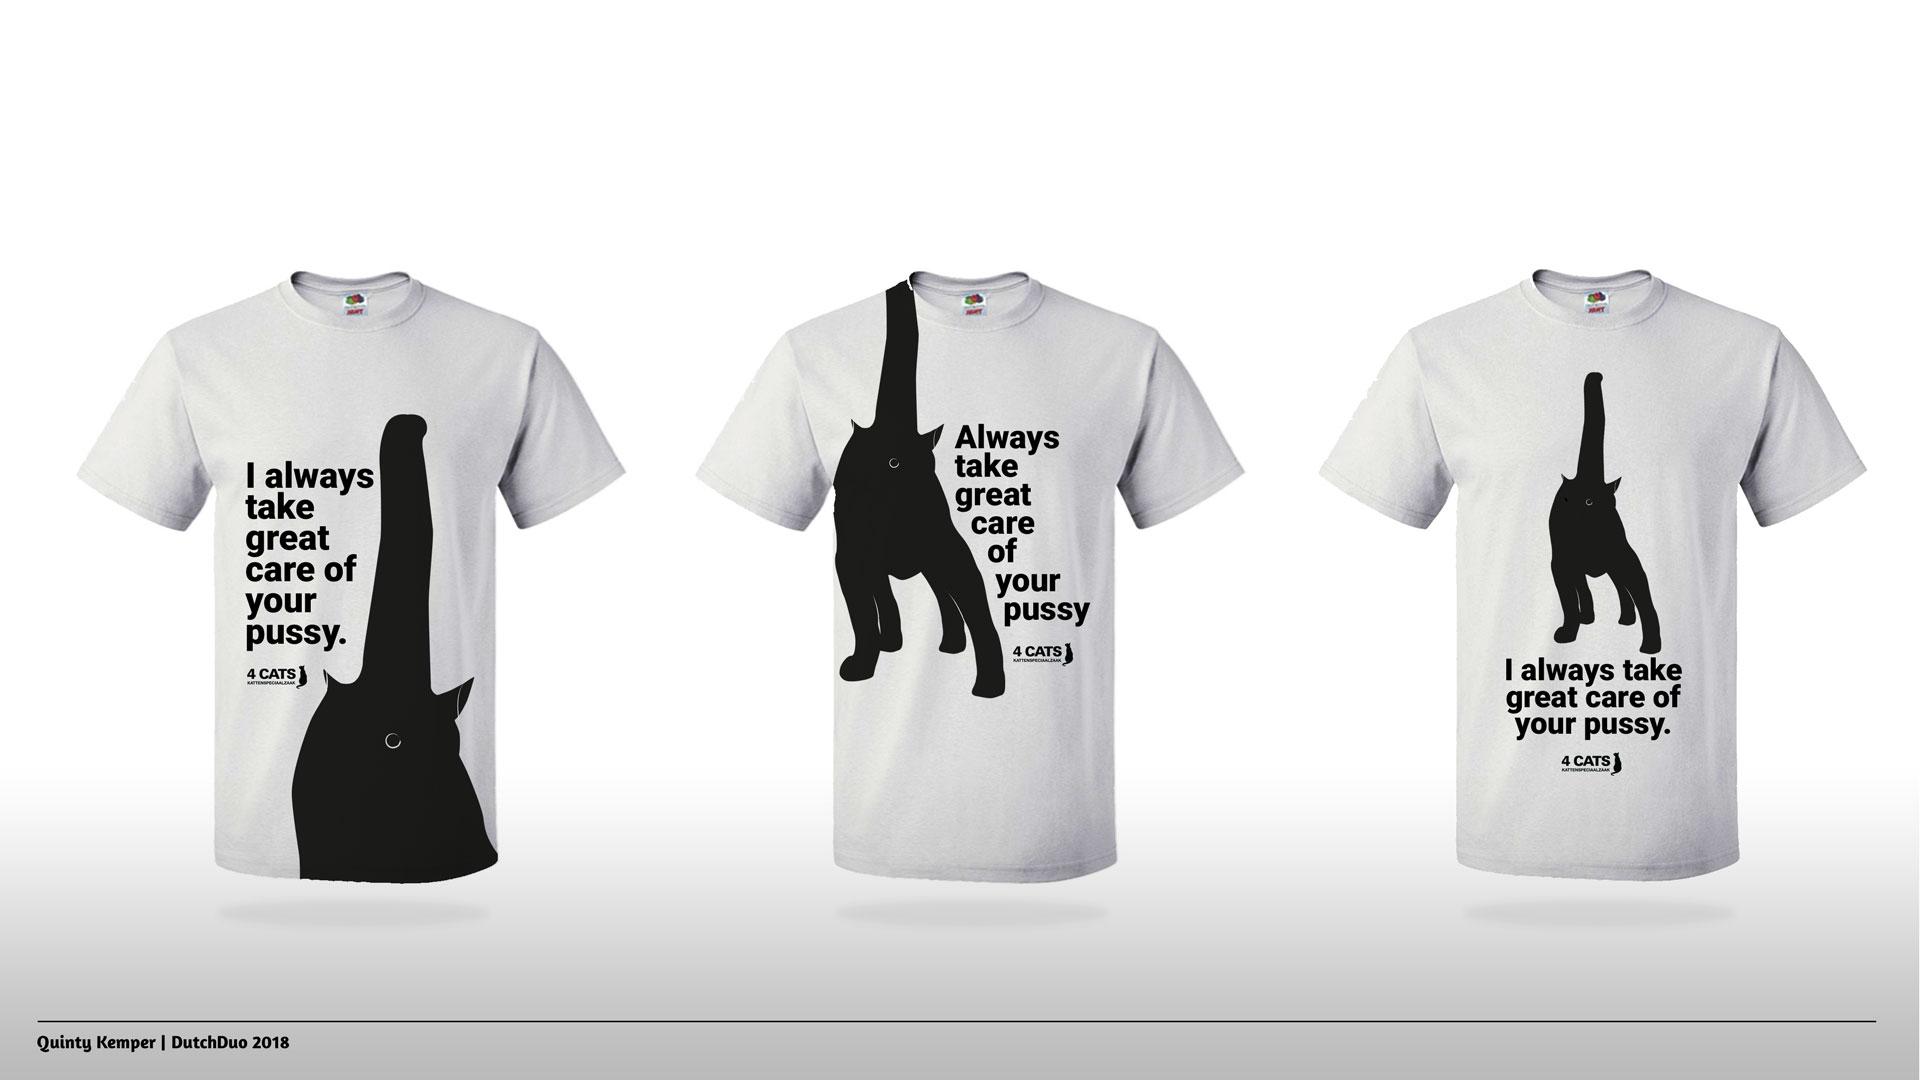 Quinty Kemper Portfolio 2018 Kattenspeciaalzaak t-shirts